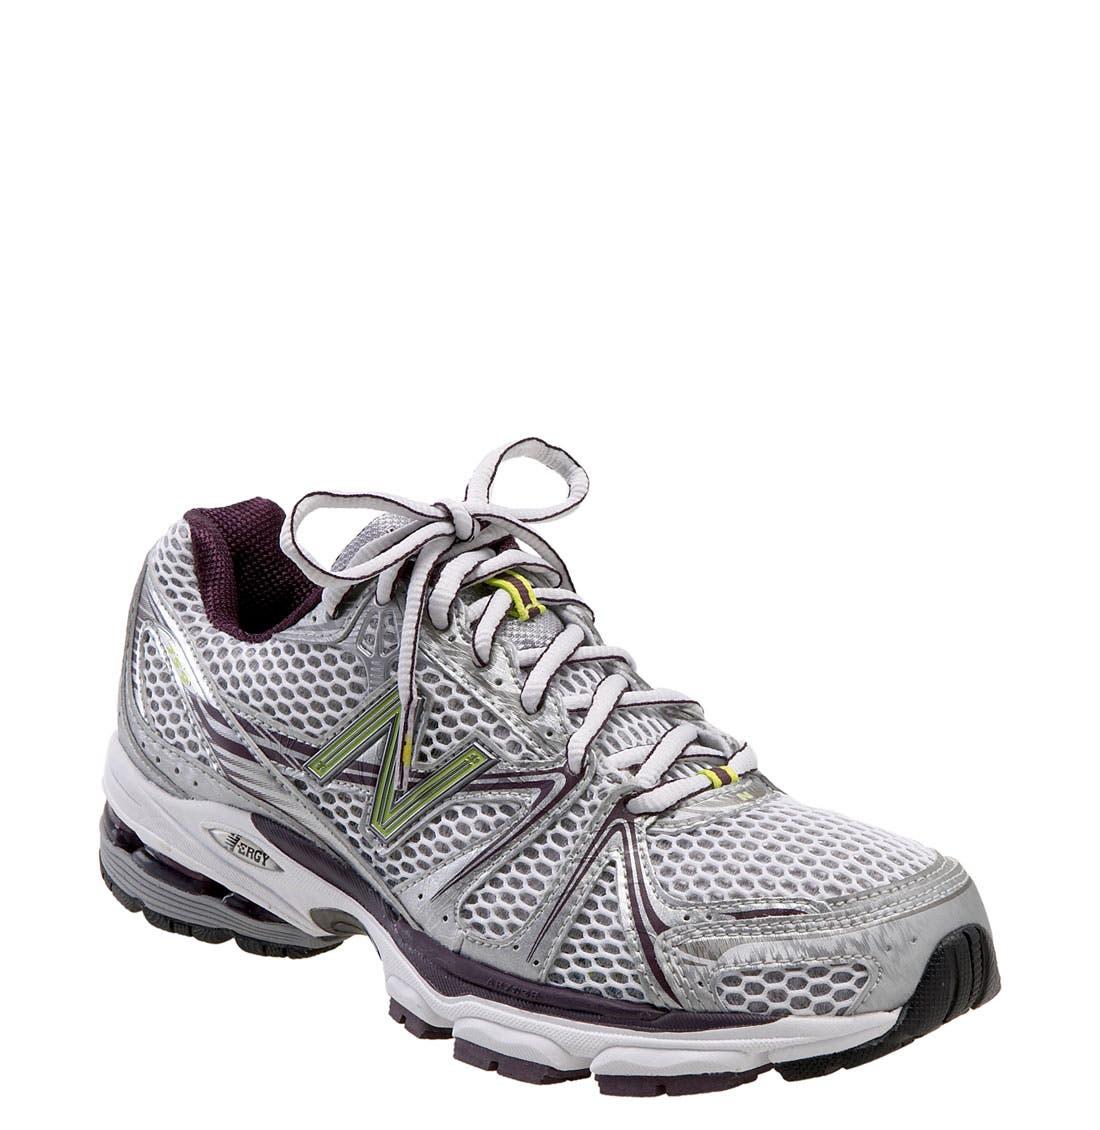 Alternate Image 1 Selected - New Balance '759' Running Shoe (Women)(Retail Price: $77.95)